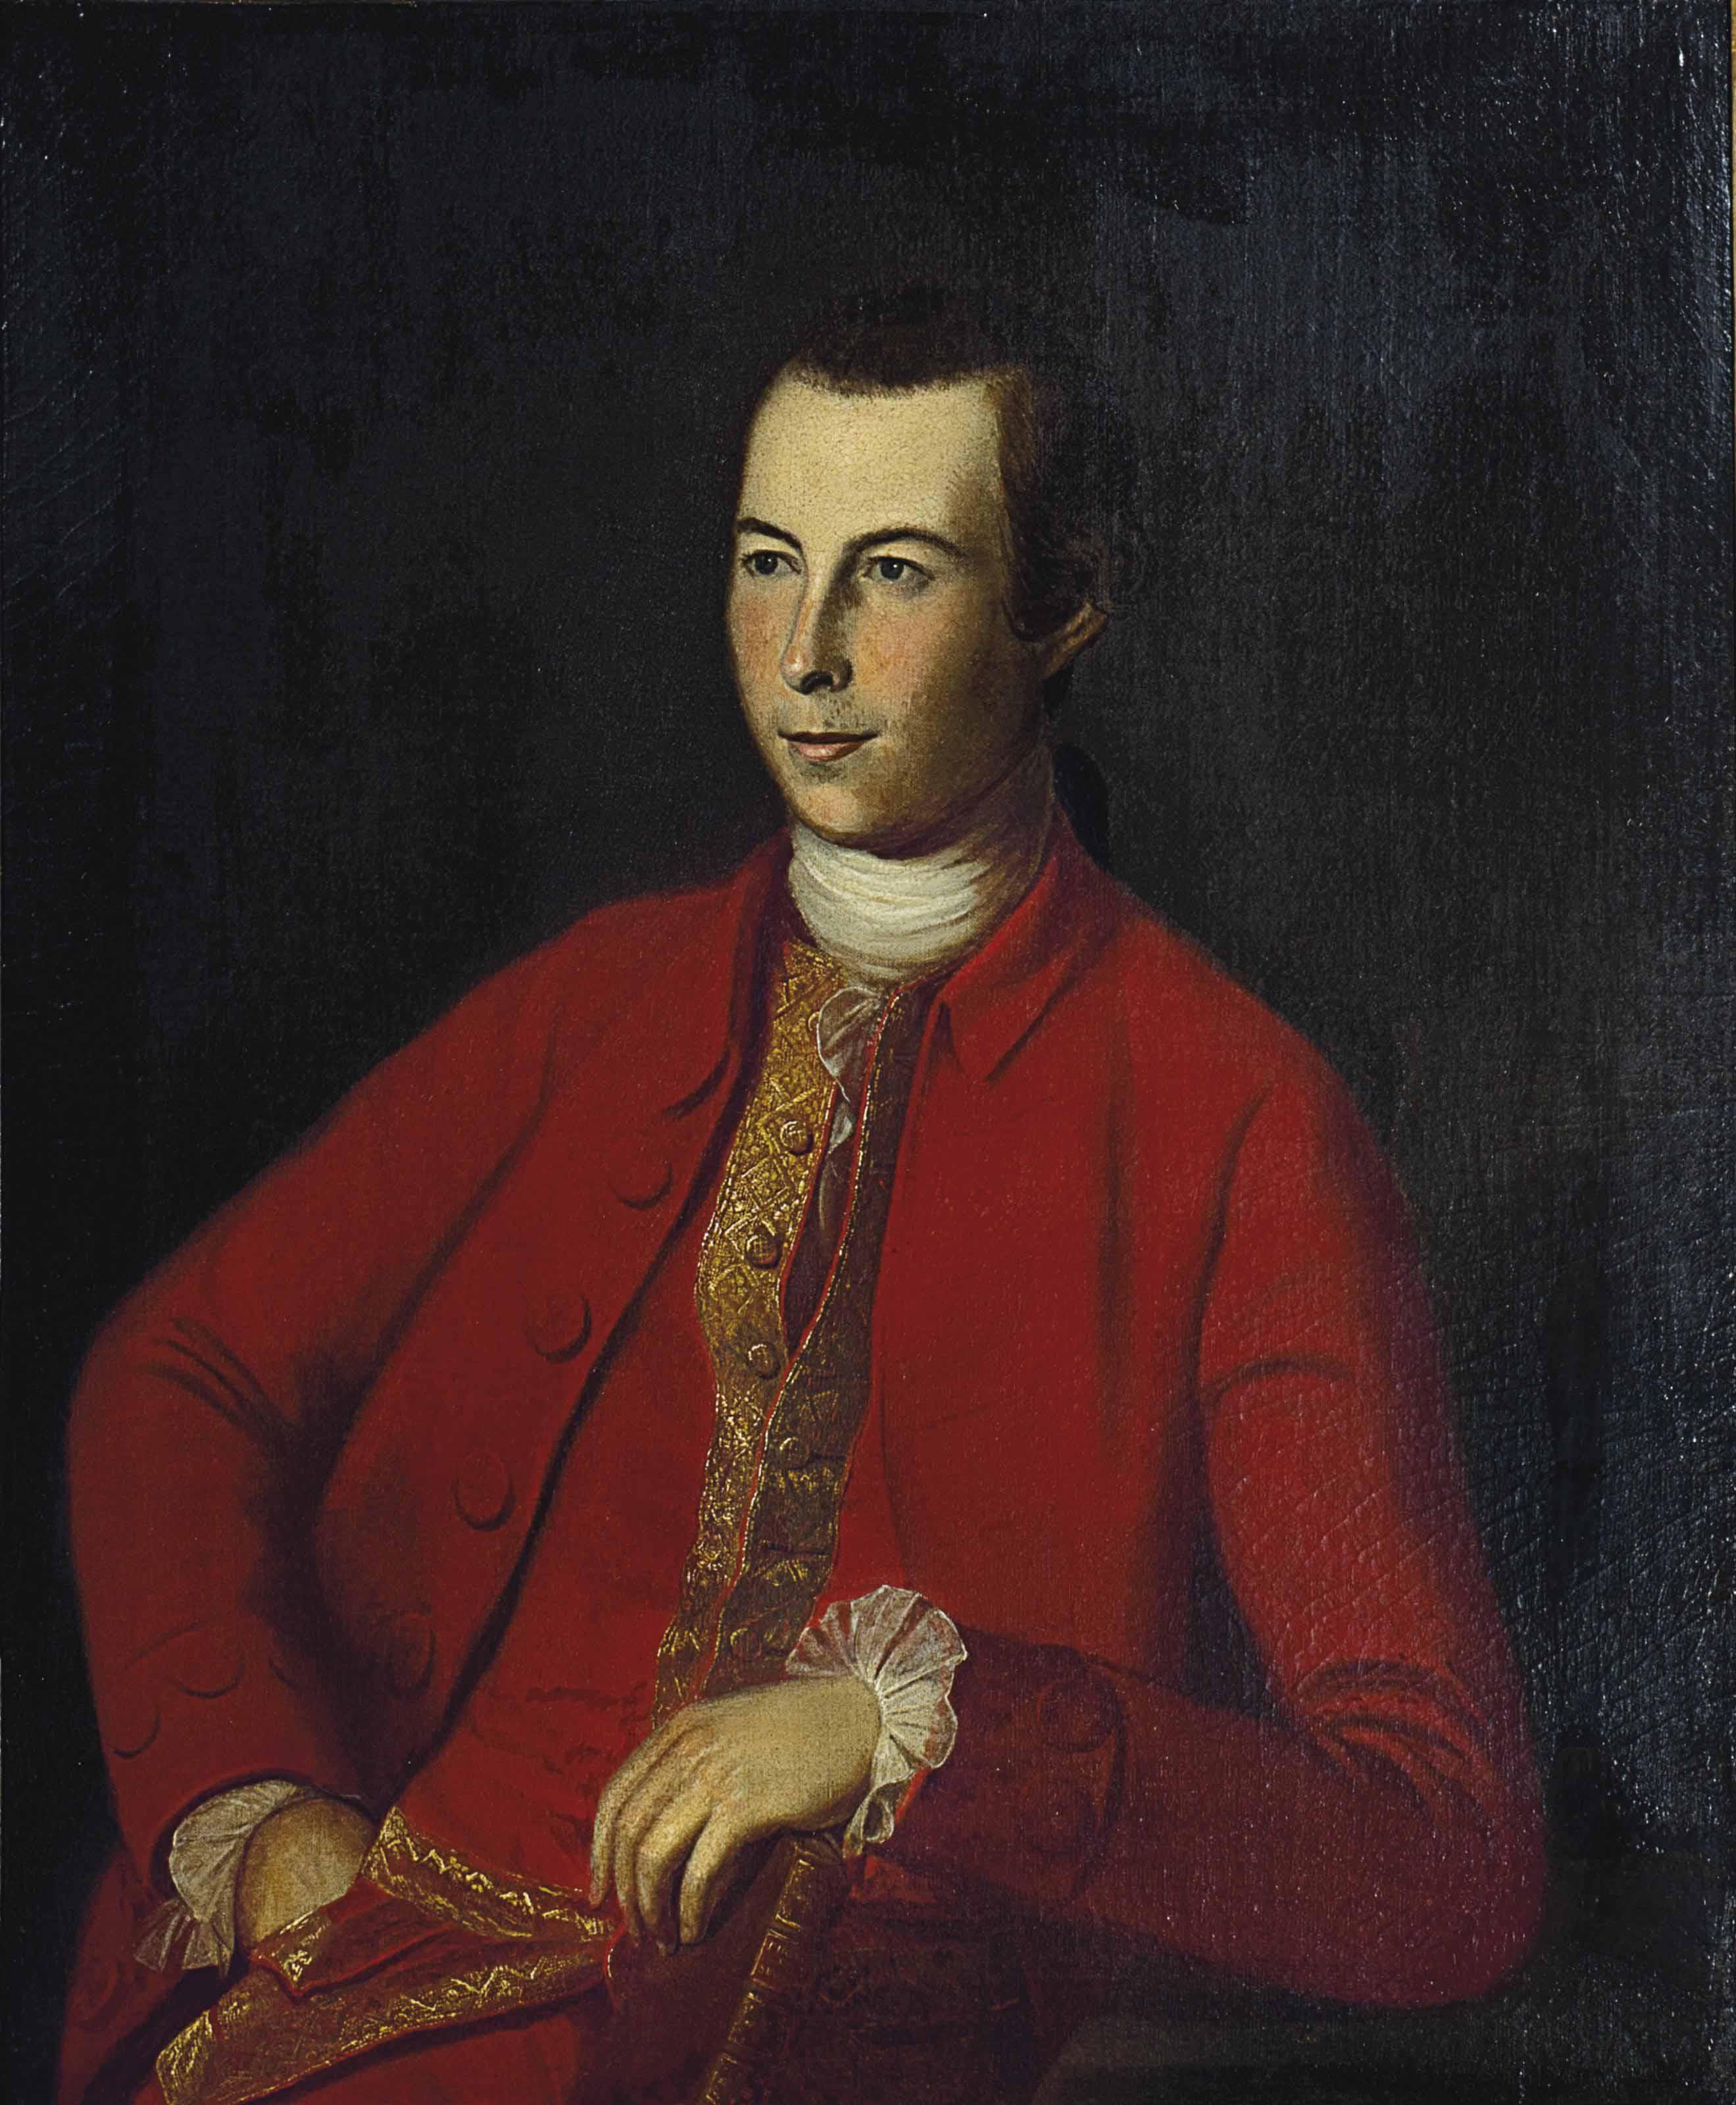 Portrait of Captain John Lewis (1747-1825)